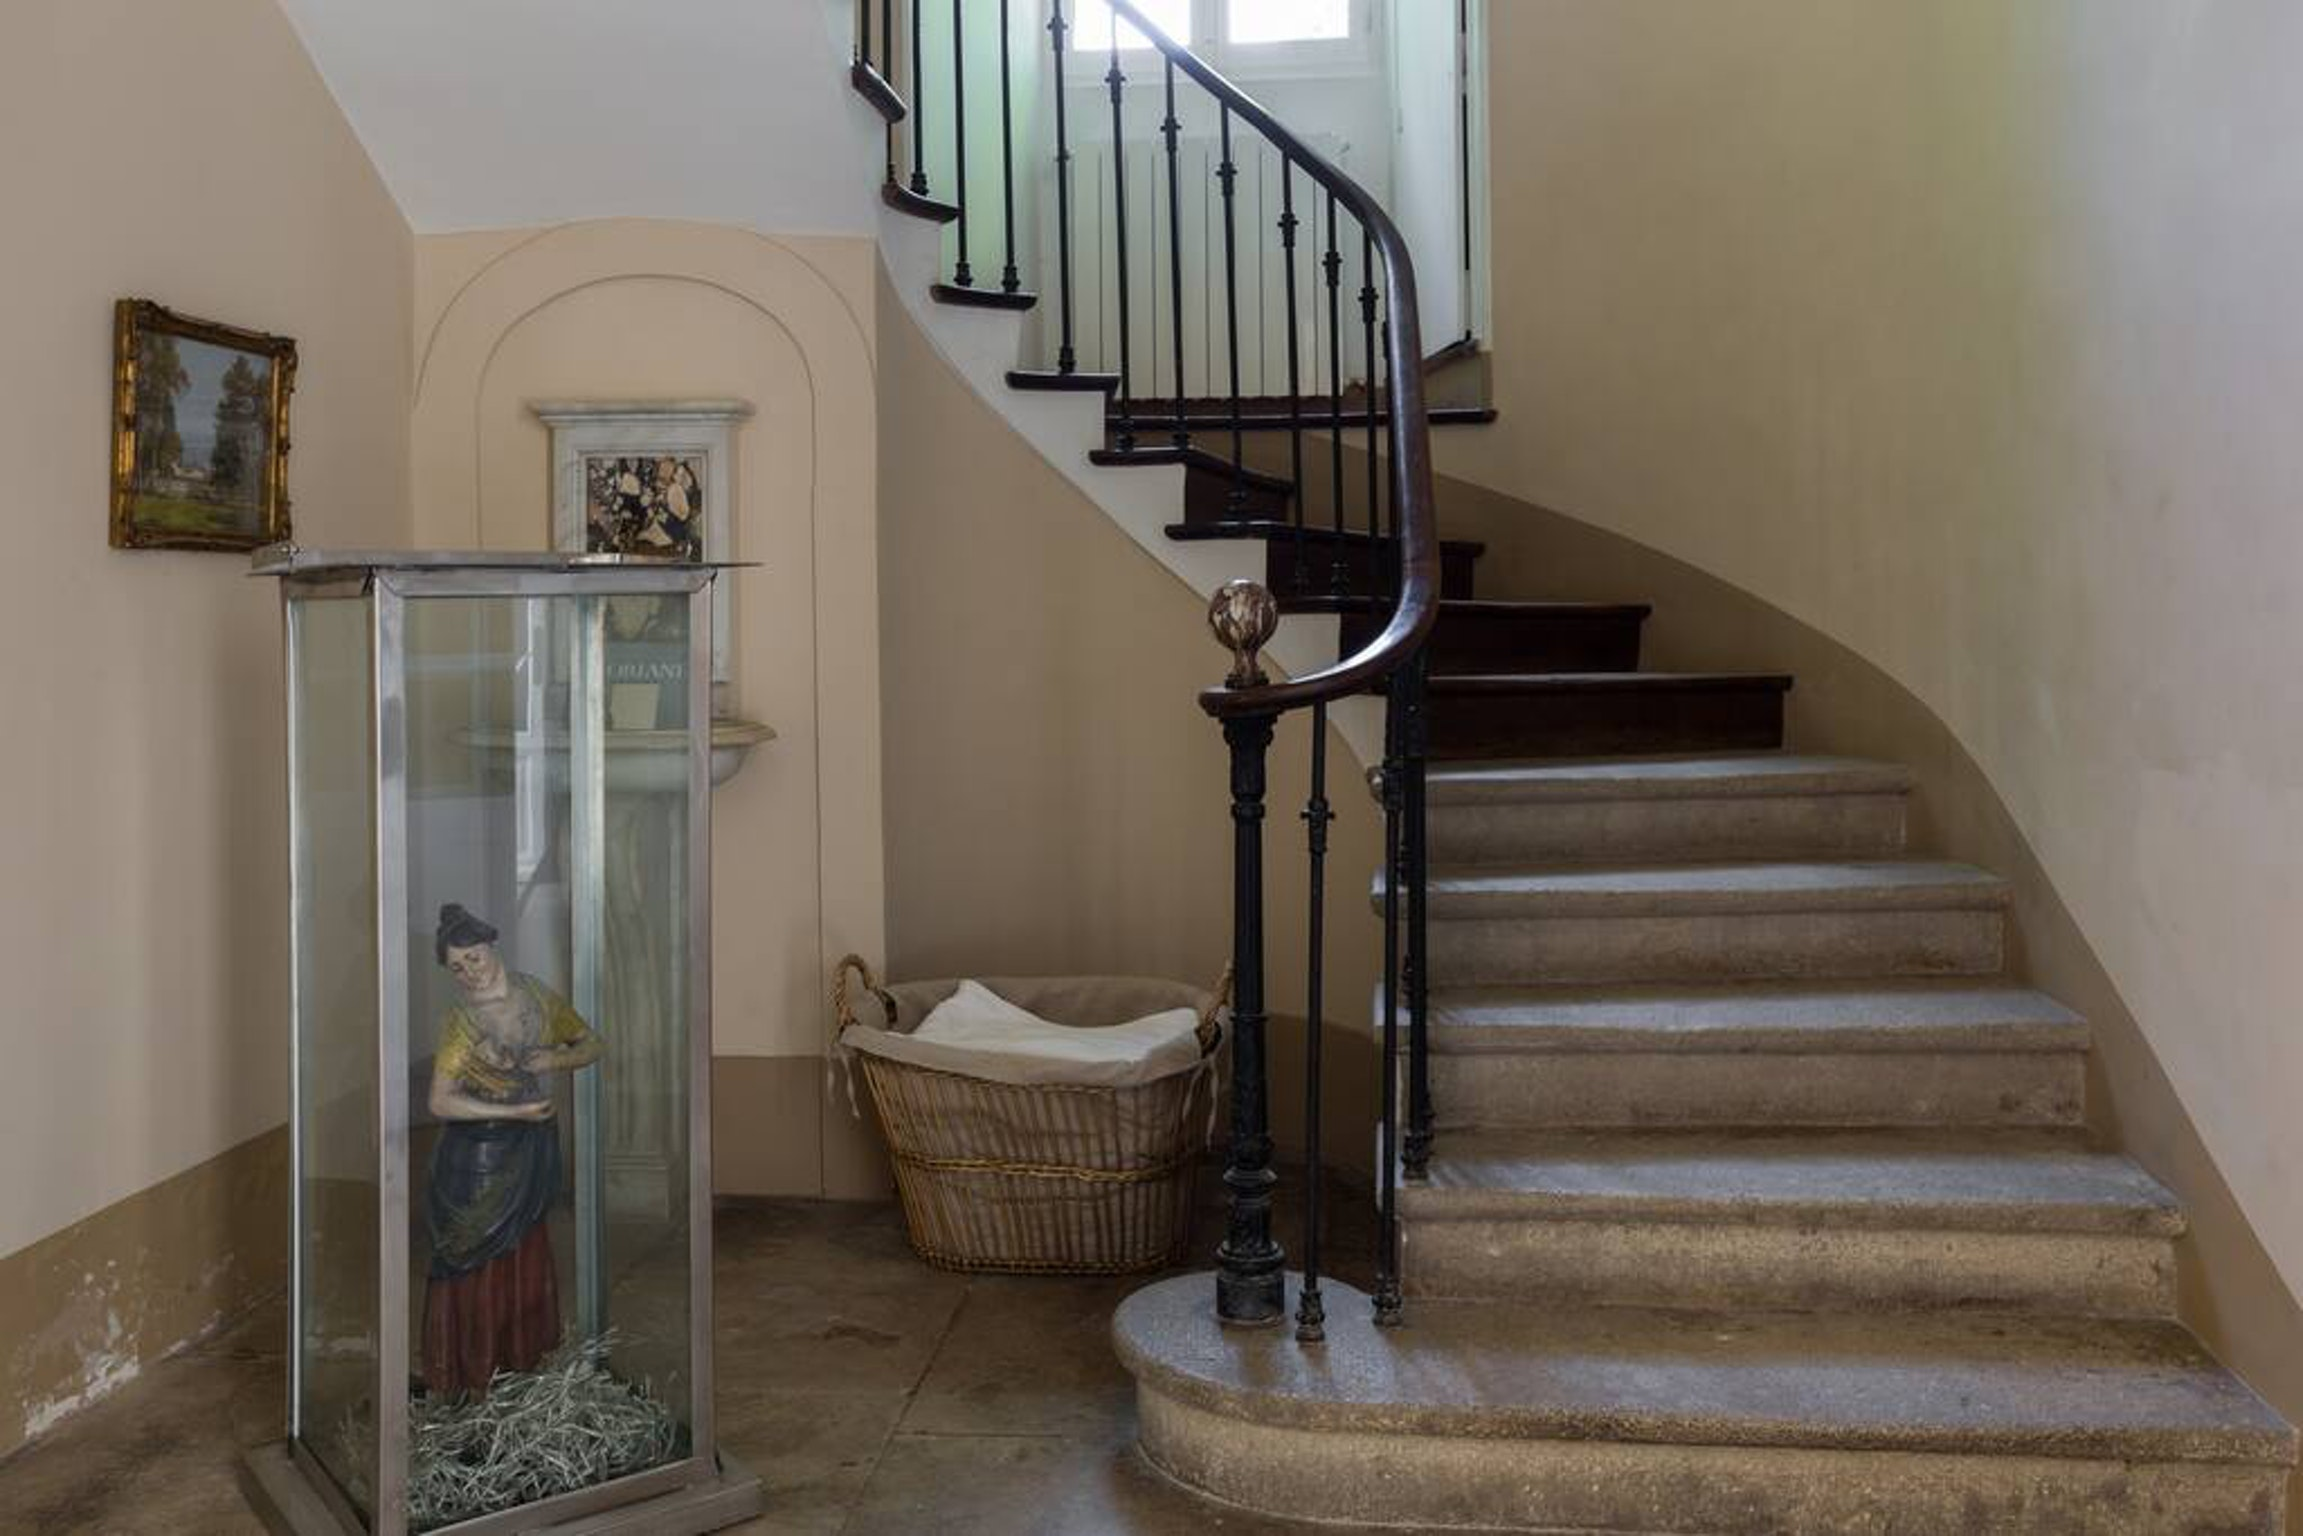 Maison de vacances Villa mit 6 Schlafzimmern in L'Isle-sur-la-Sorgue mit privatem Pool, möbliertem Garten und (2647203), L'Isle sur la Sorgue, Vaucluse, Provence - Alpes - Côte d'Azur, France, image 26